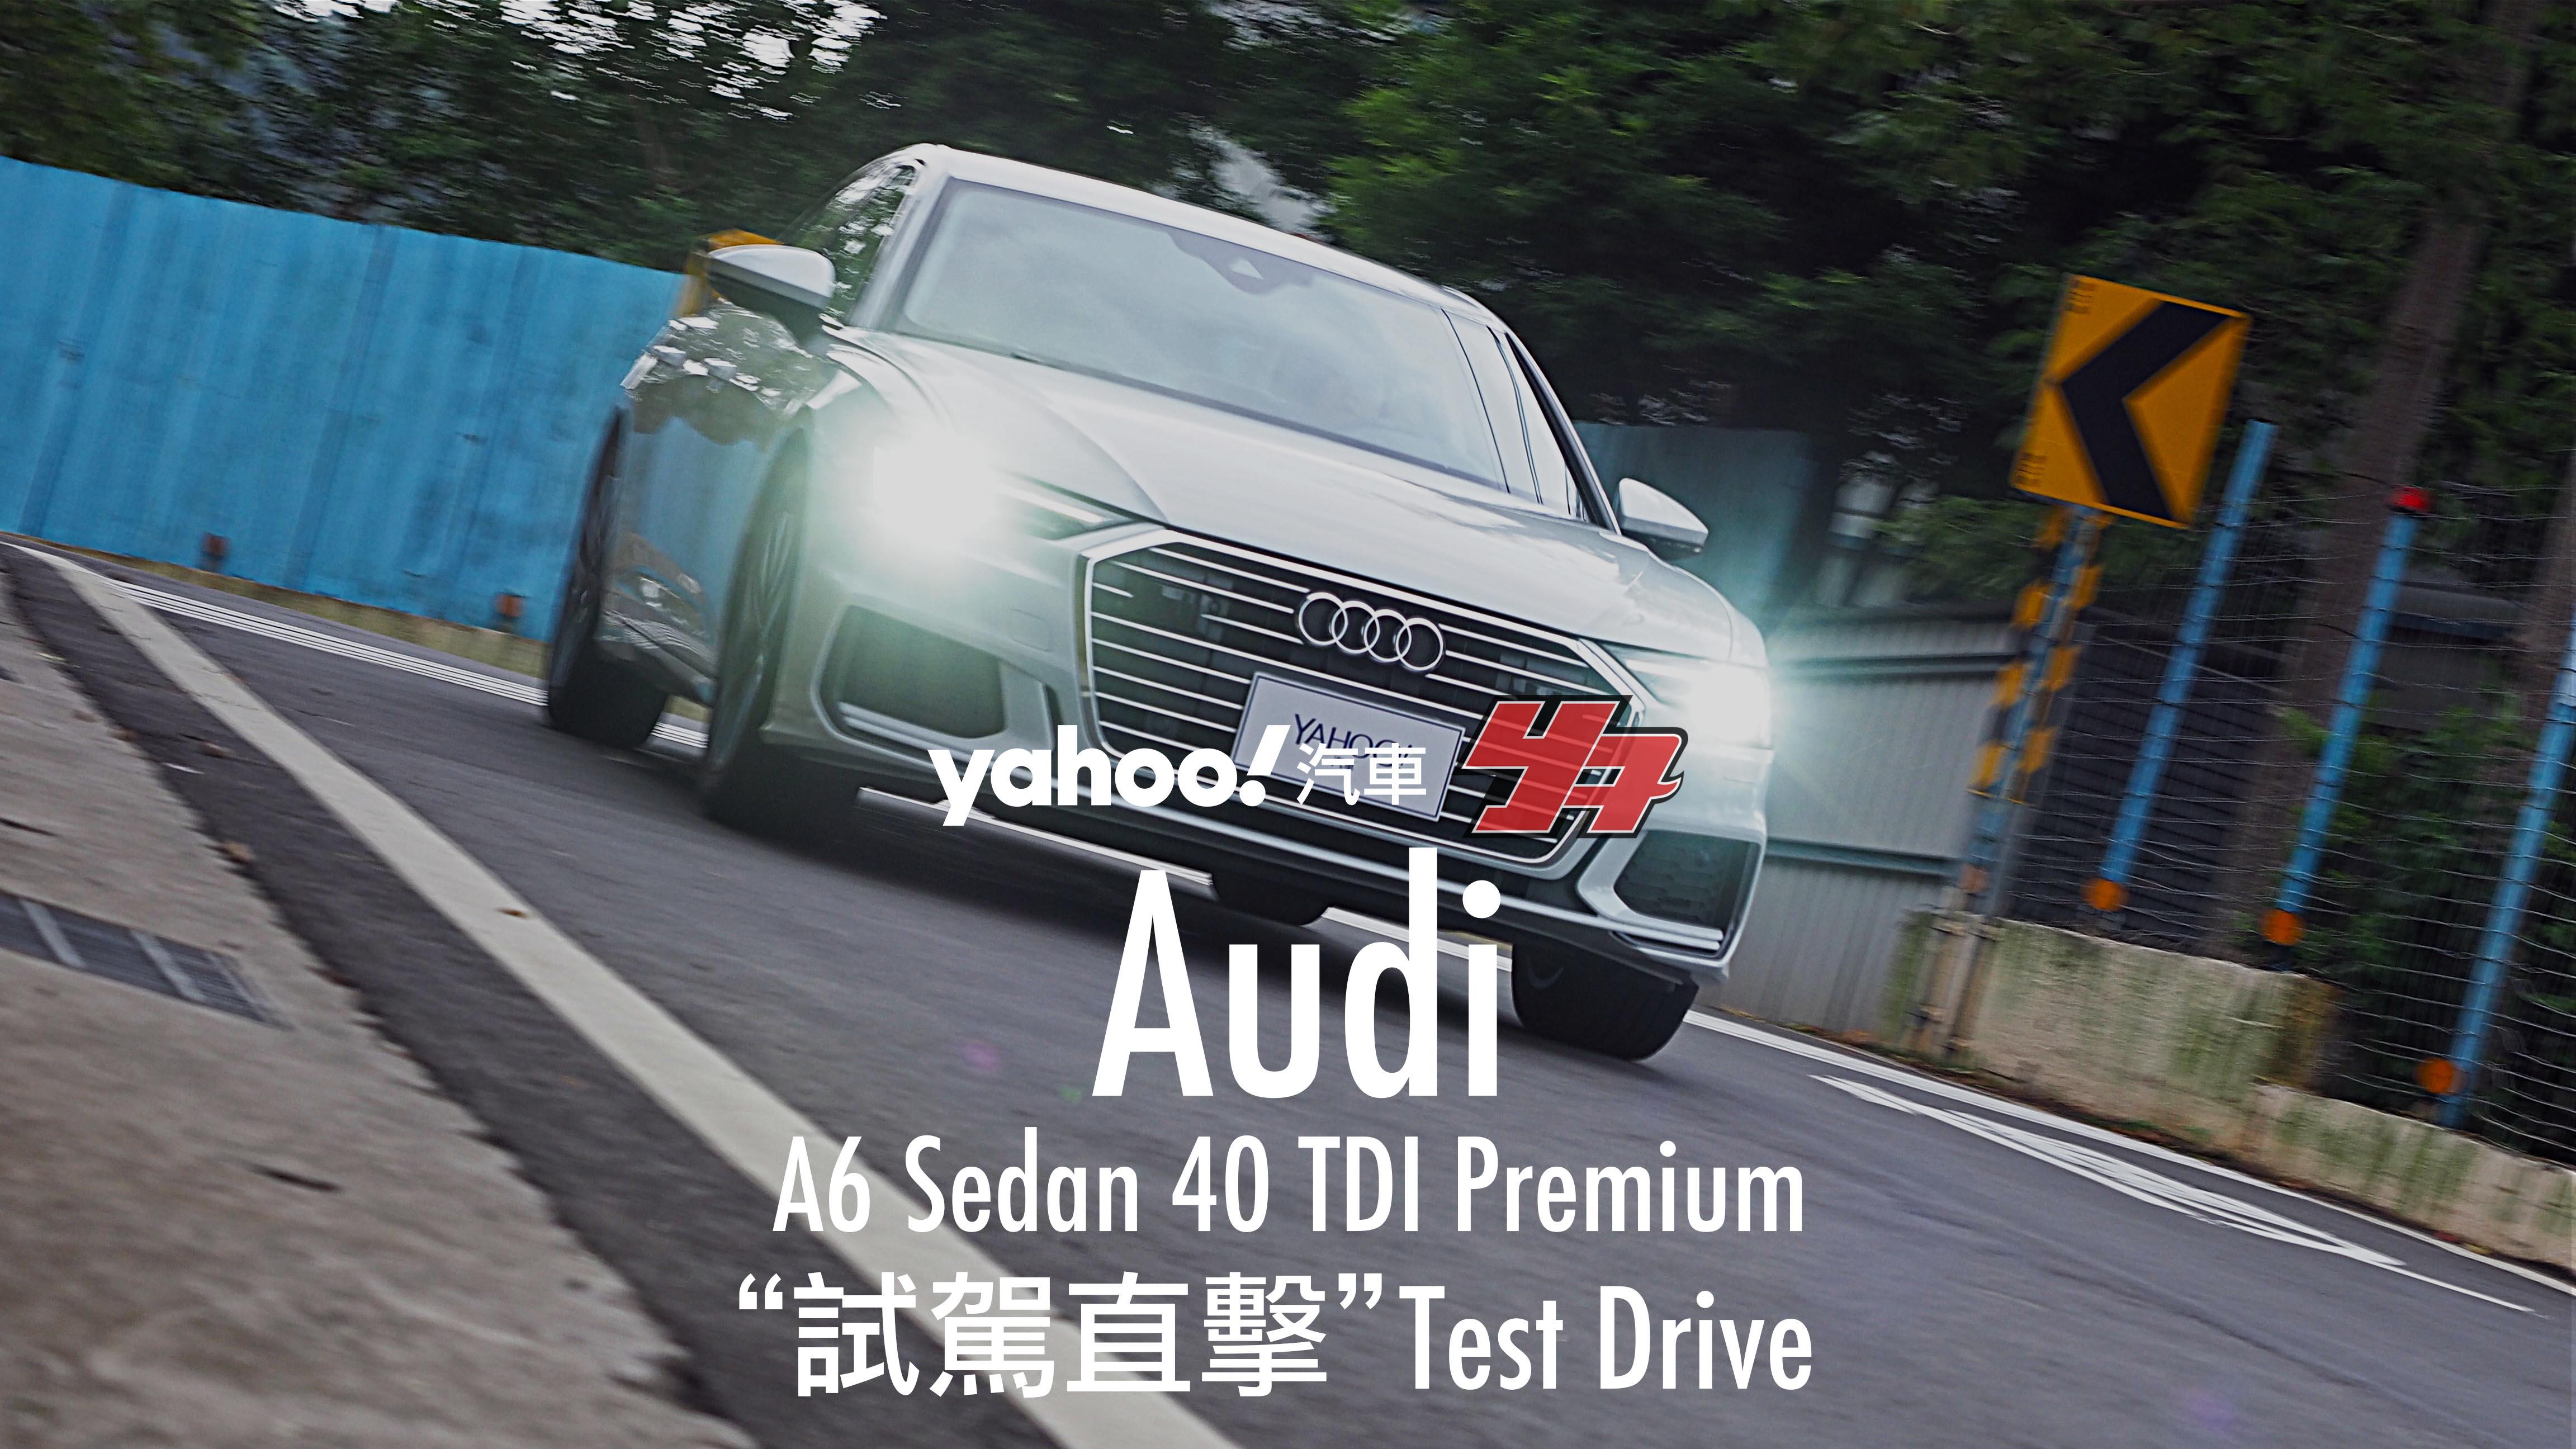 【試駕直擊】江湖在走、氣勢不能沒有!2020 Audi A6 Sedan 40 TDI Premium試駕!